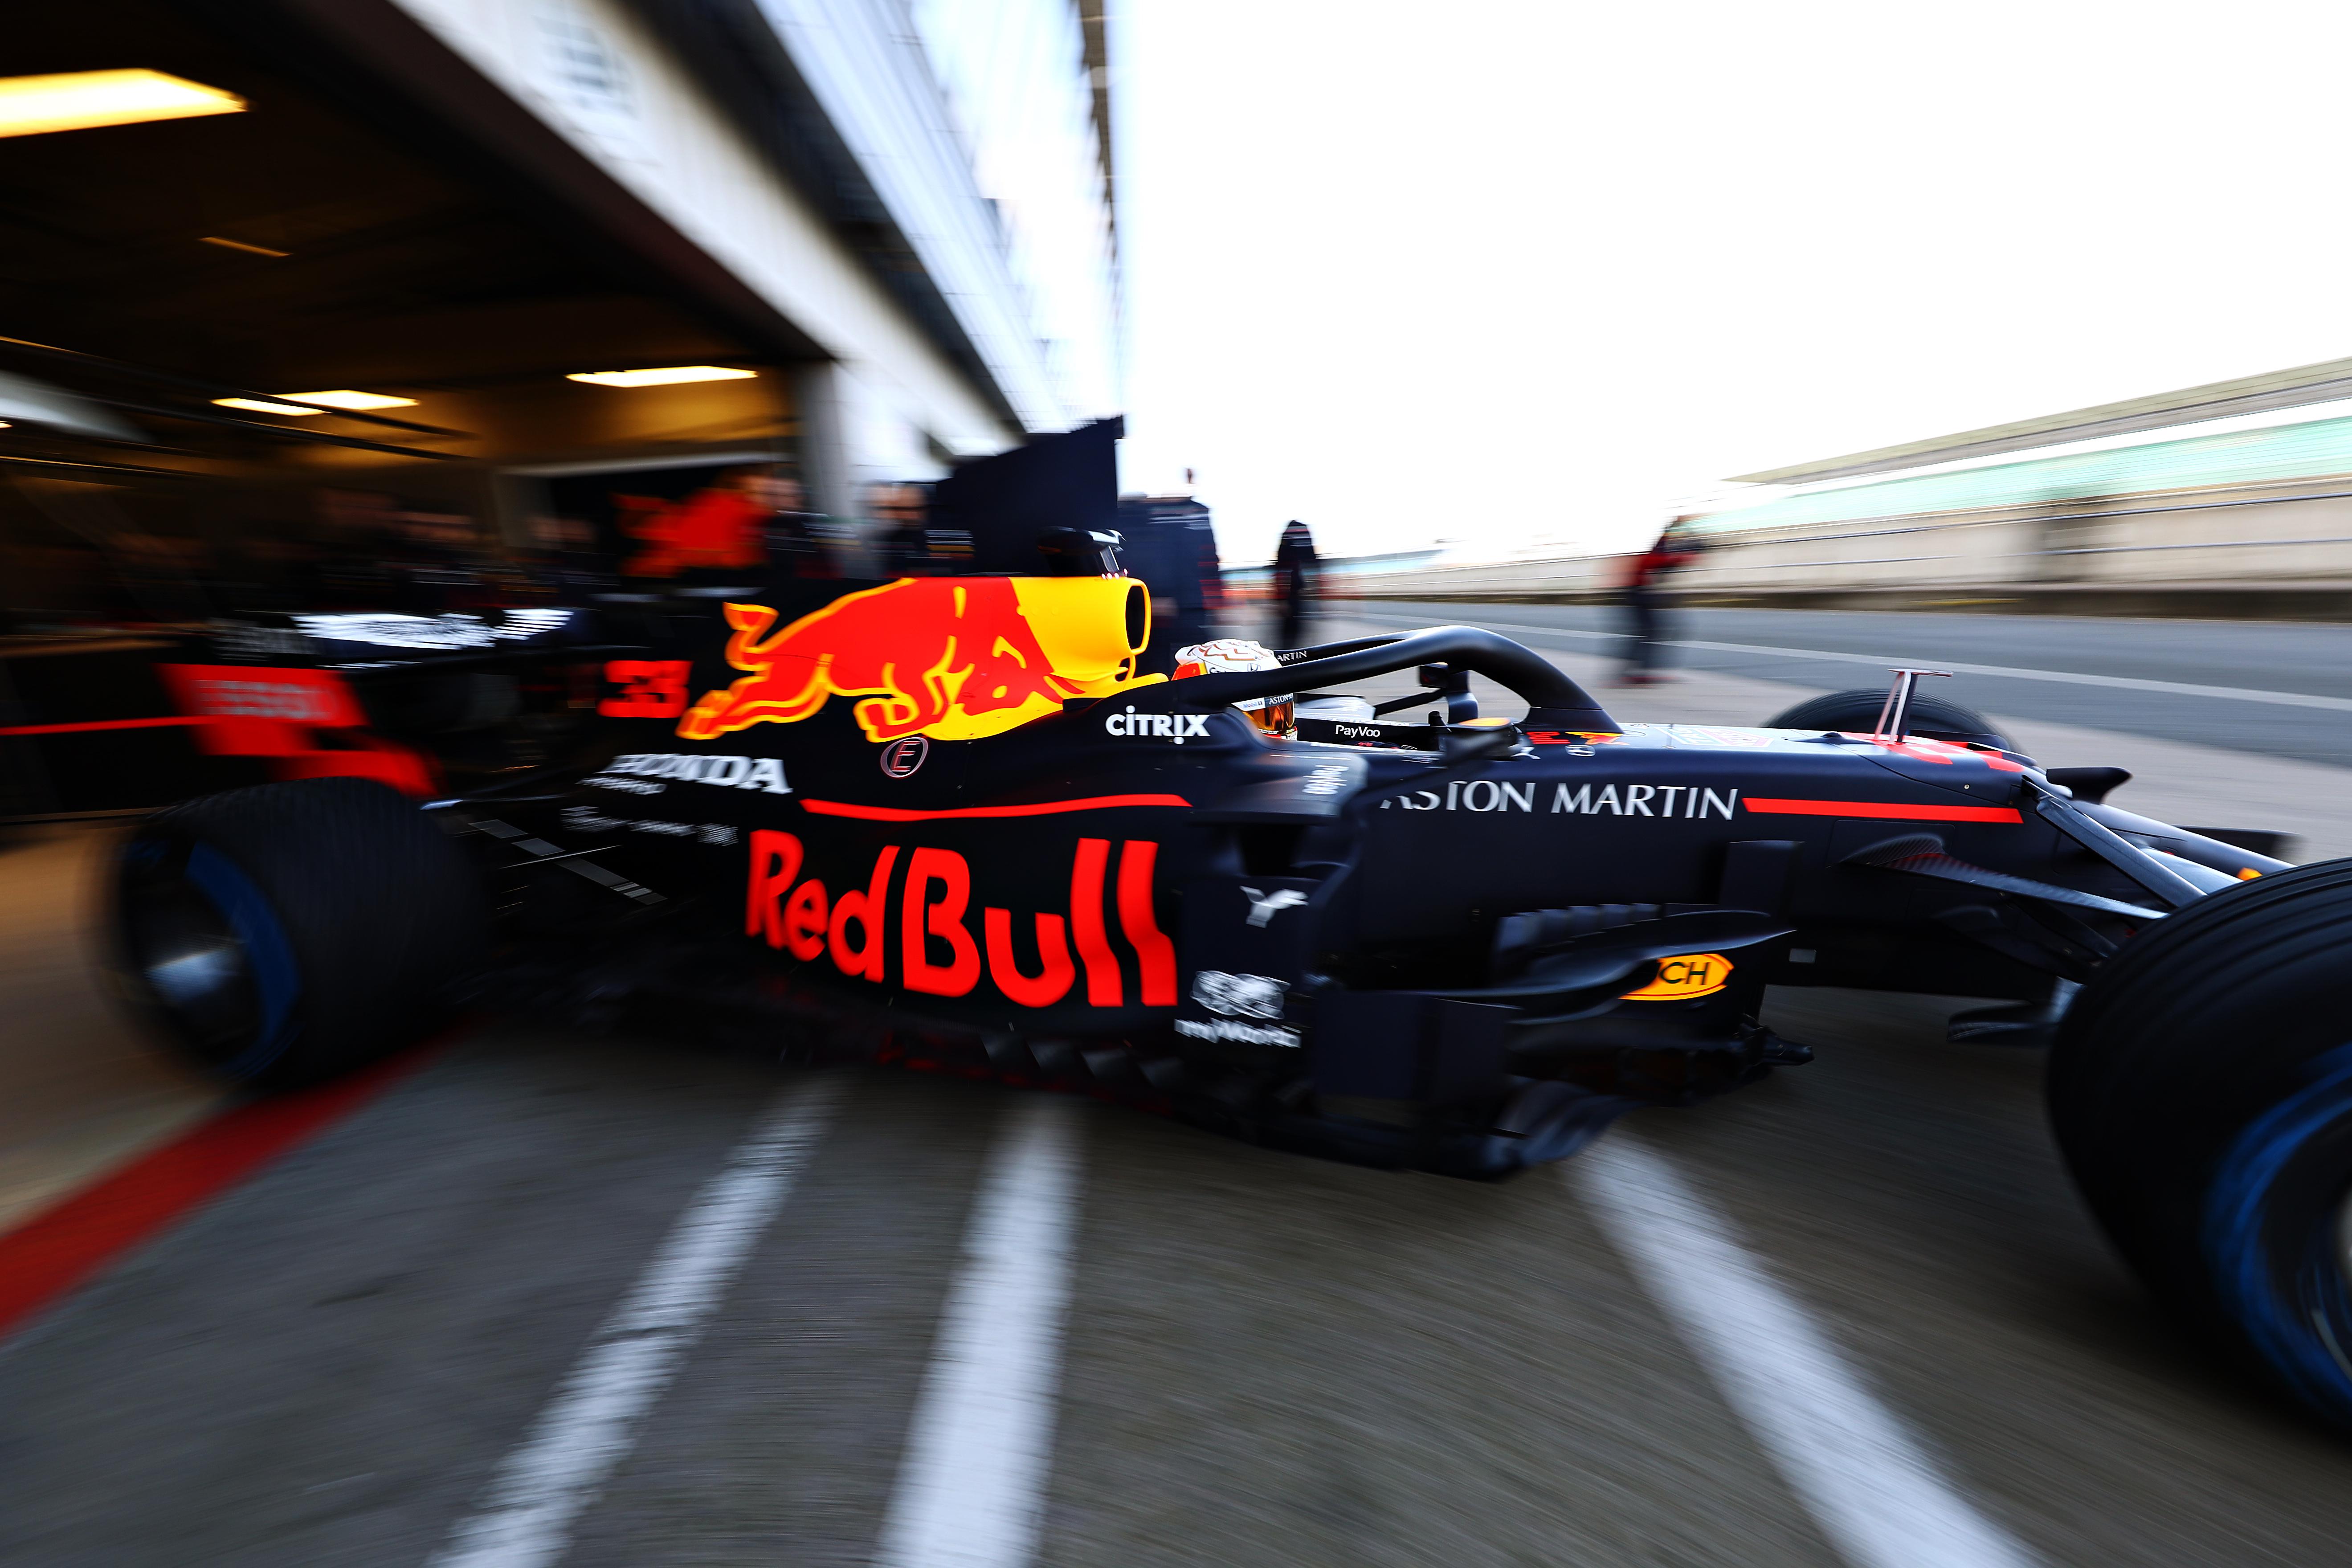 Red Bull 2020 F1 car shakedown